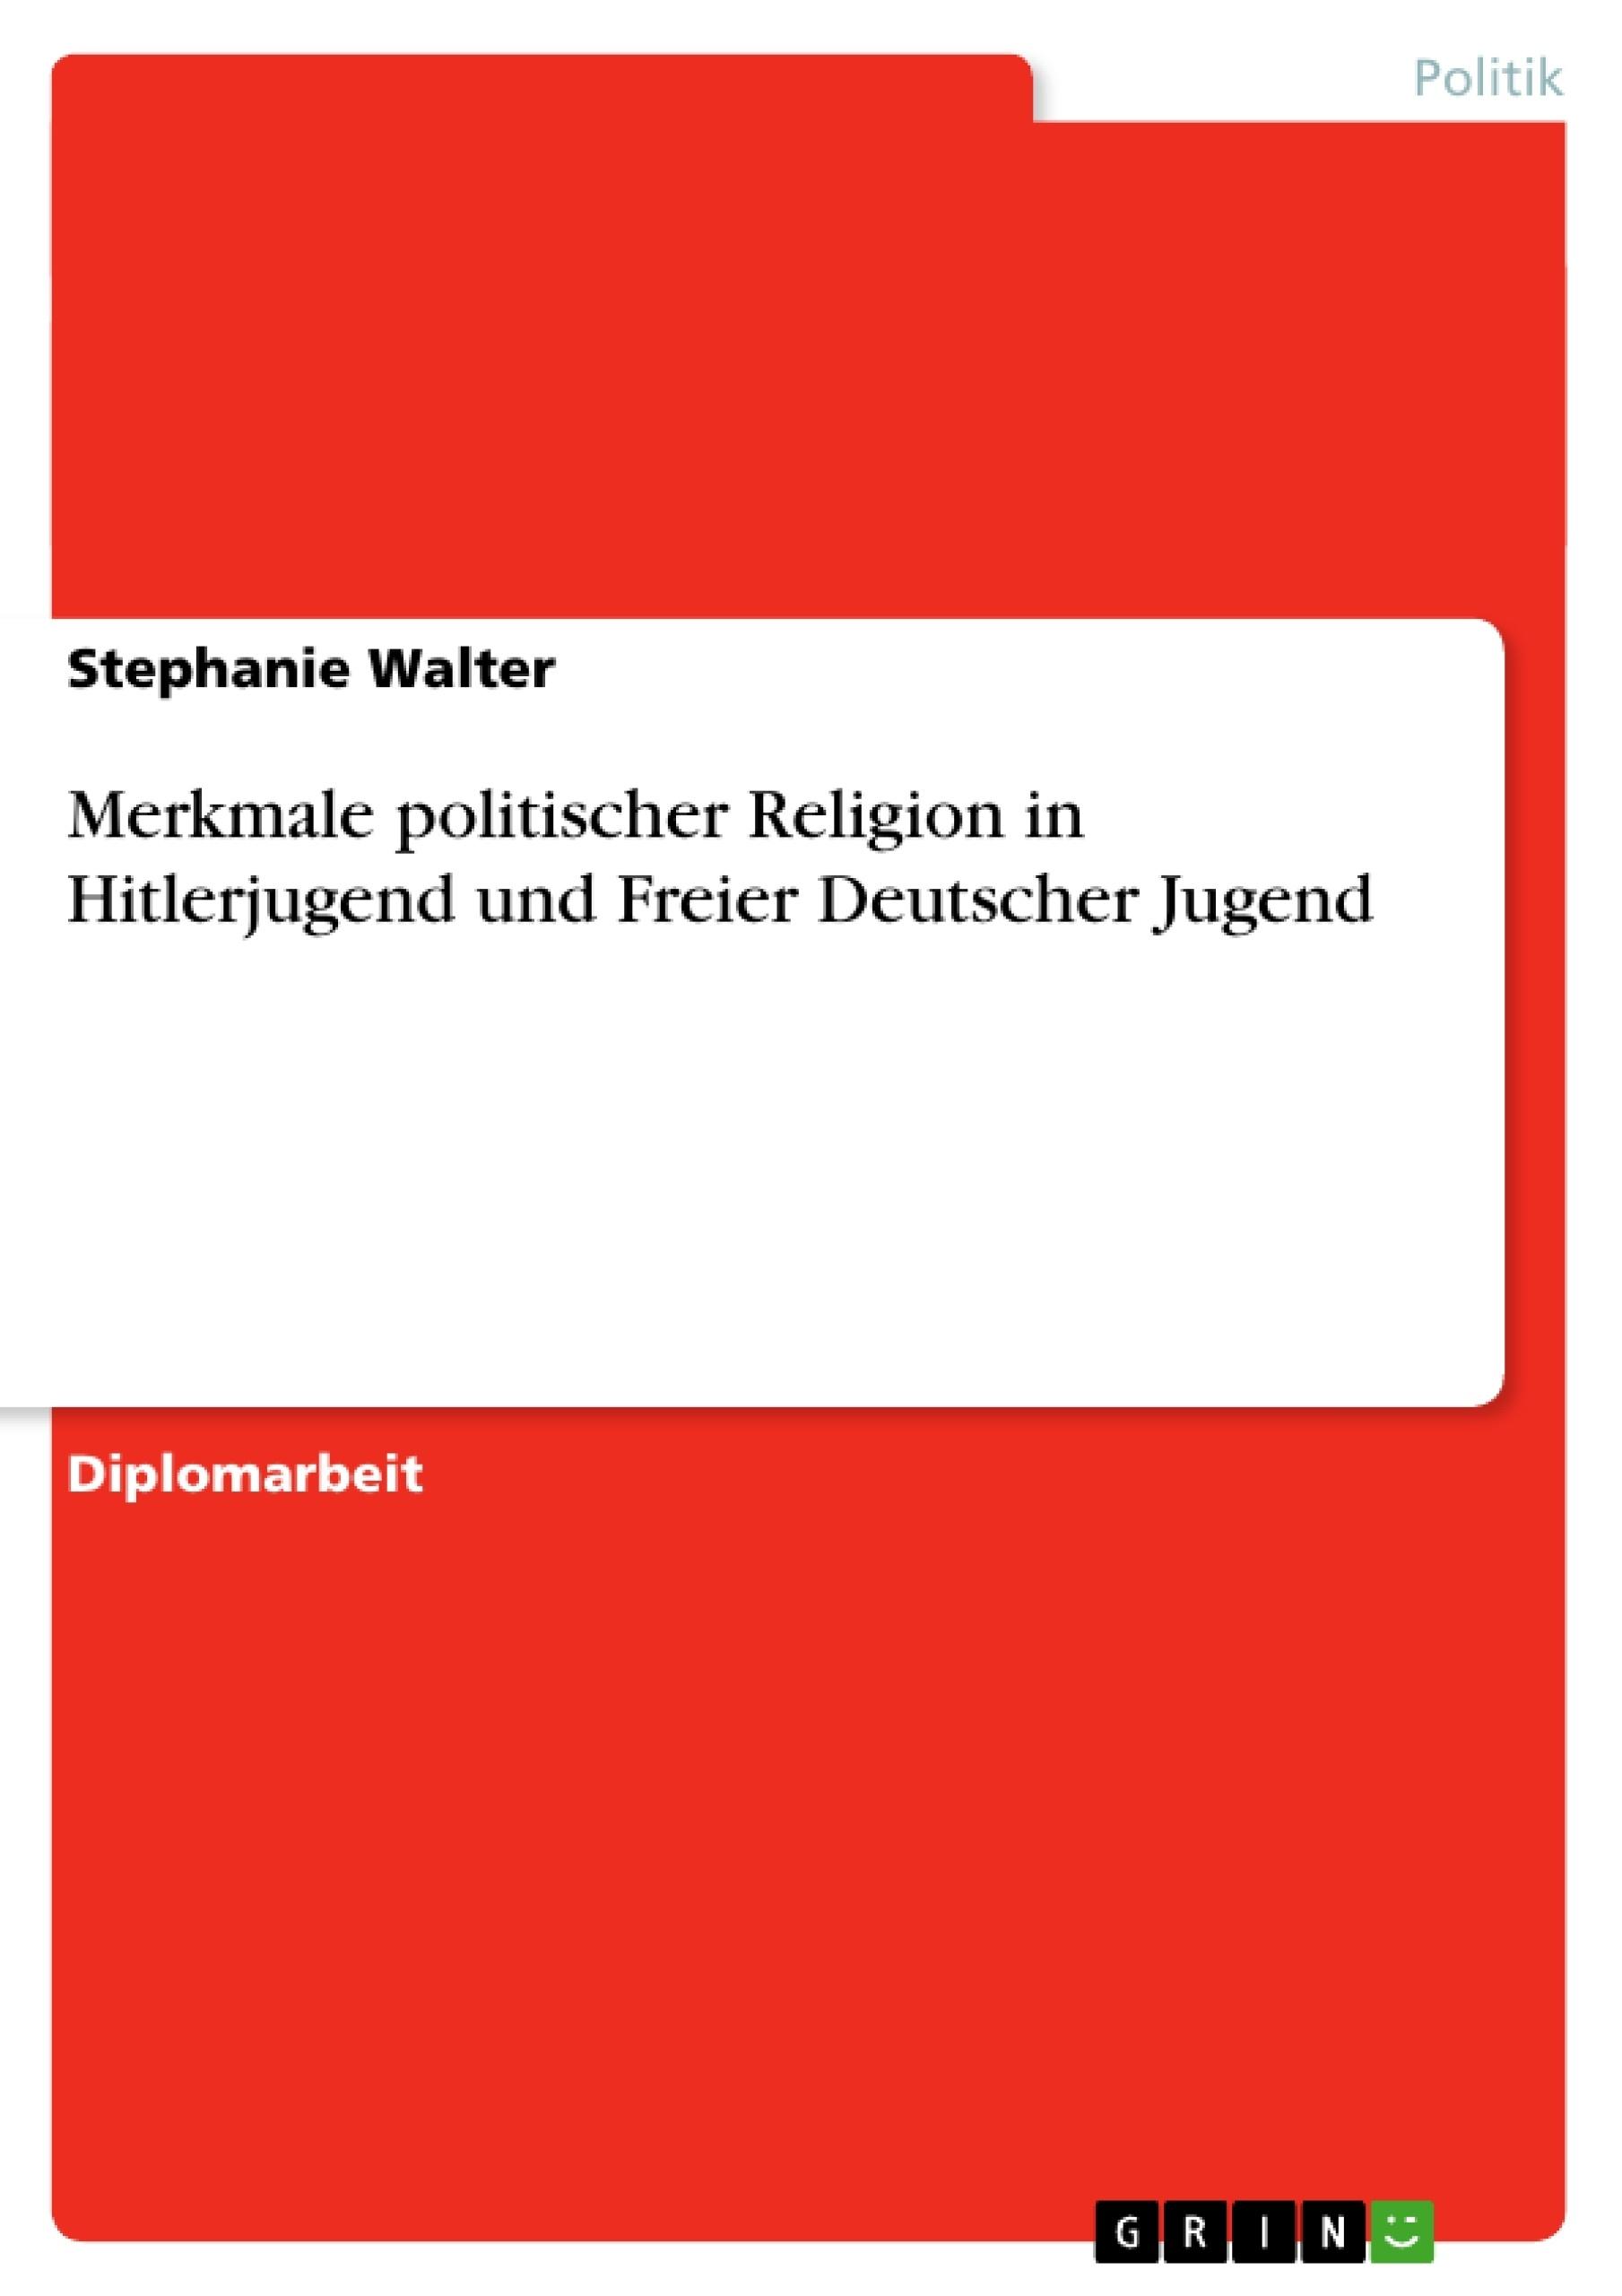 Titel: Merkmale politischer Religion in Hitlerjugend und Freier Deutscher Jugend